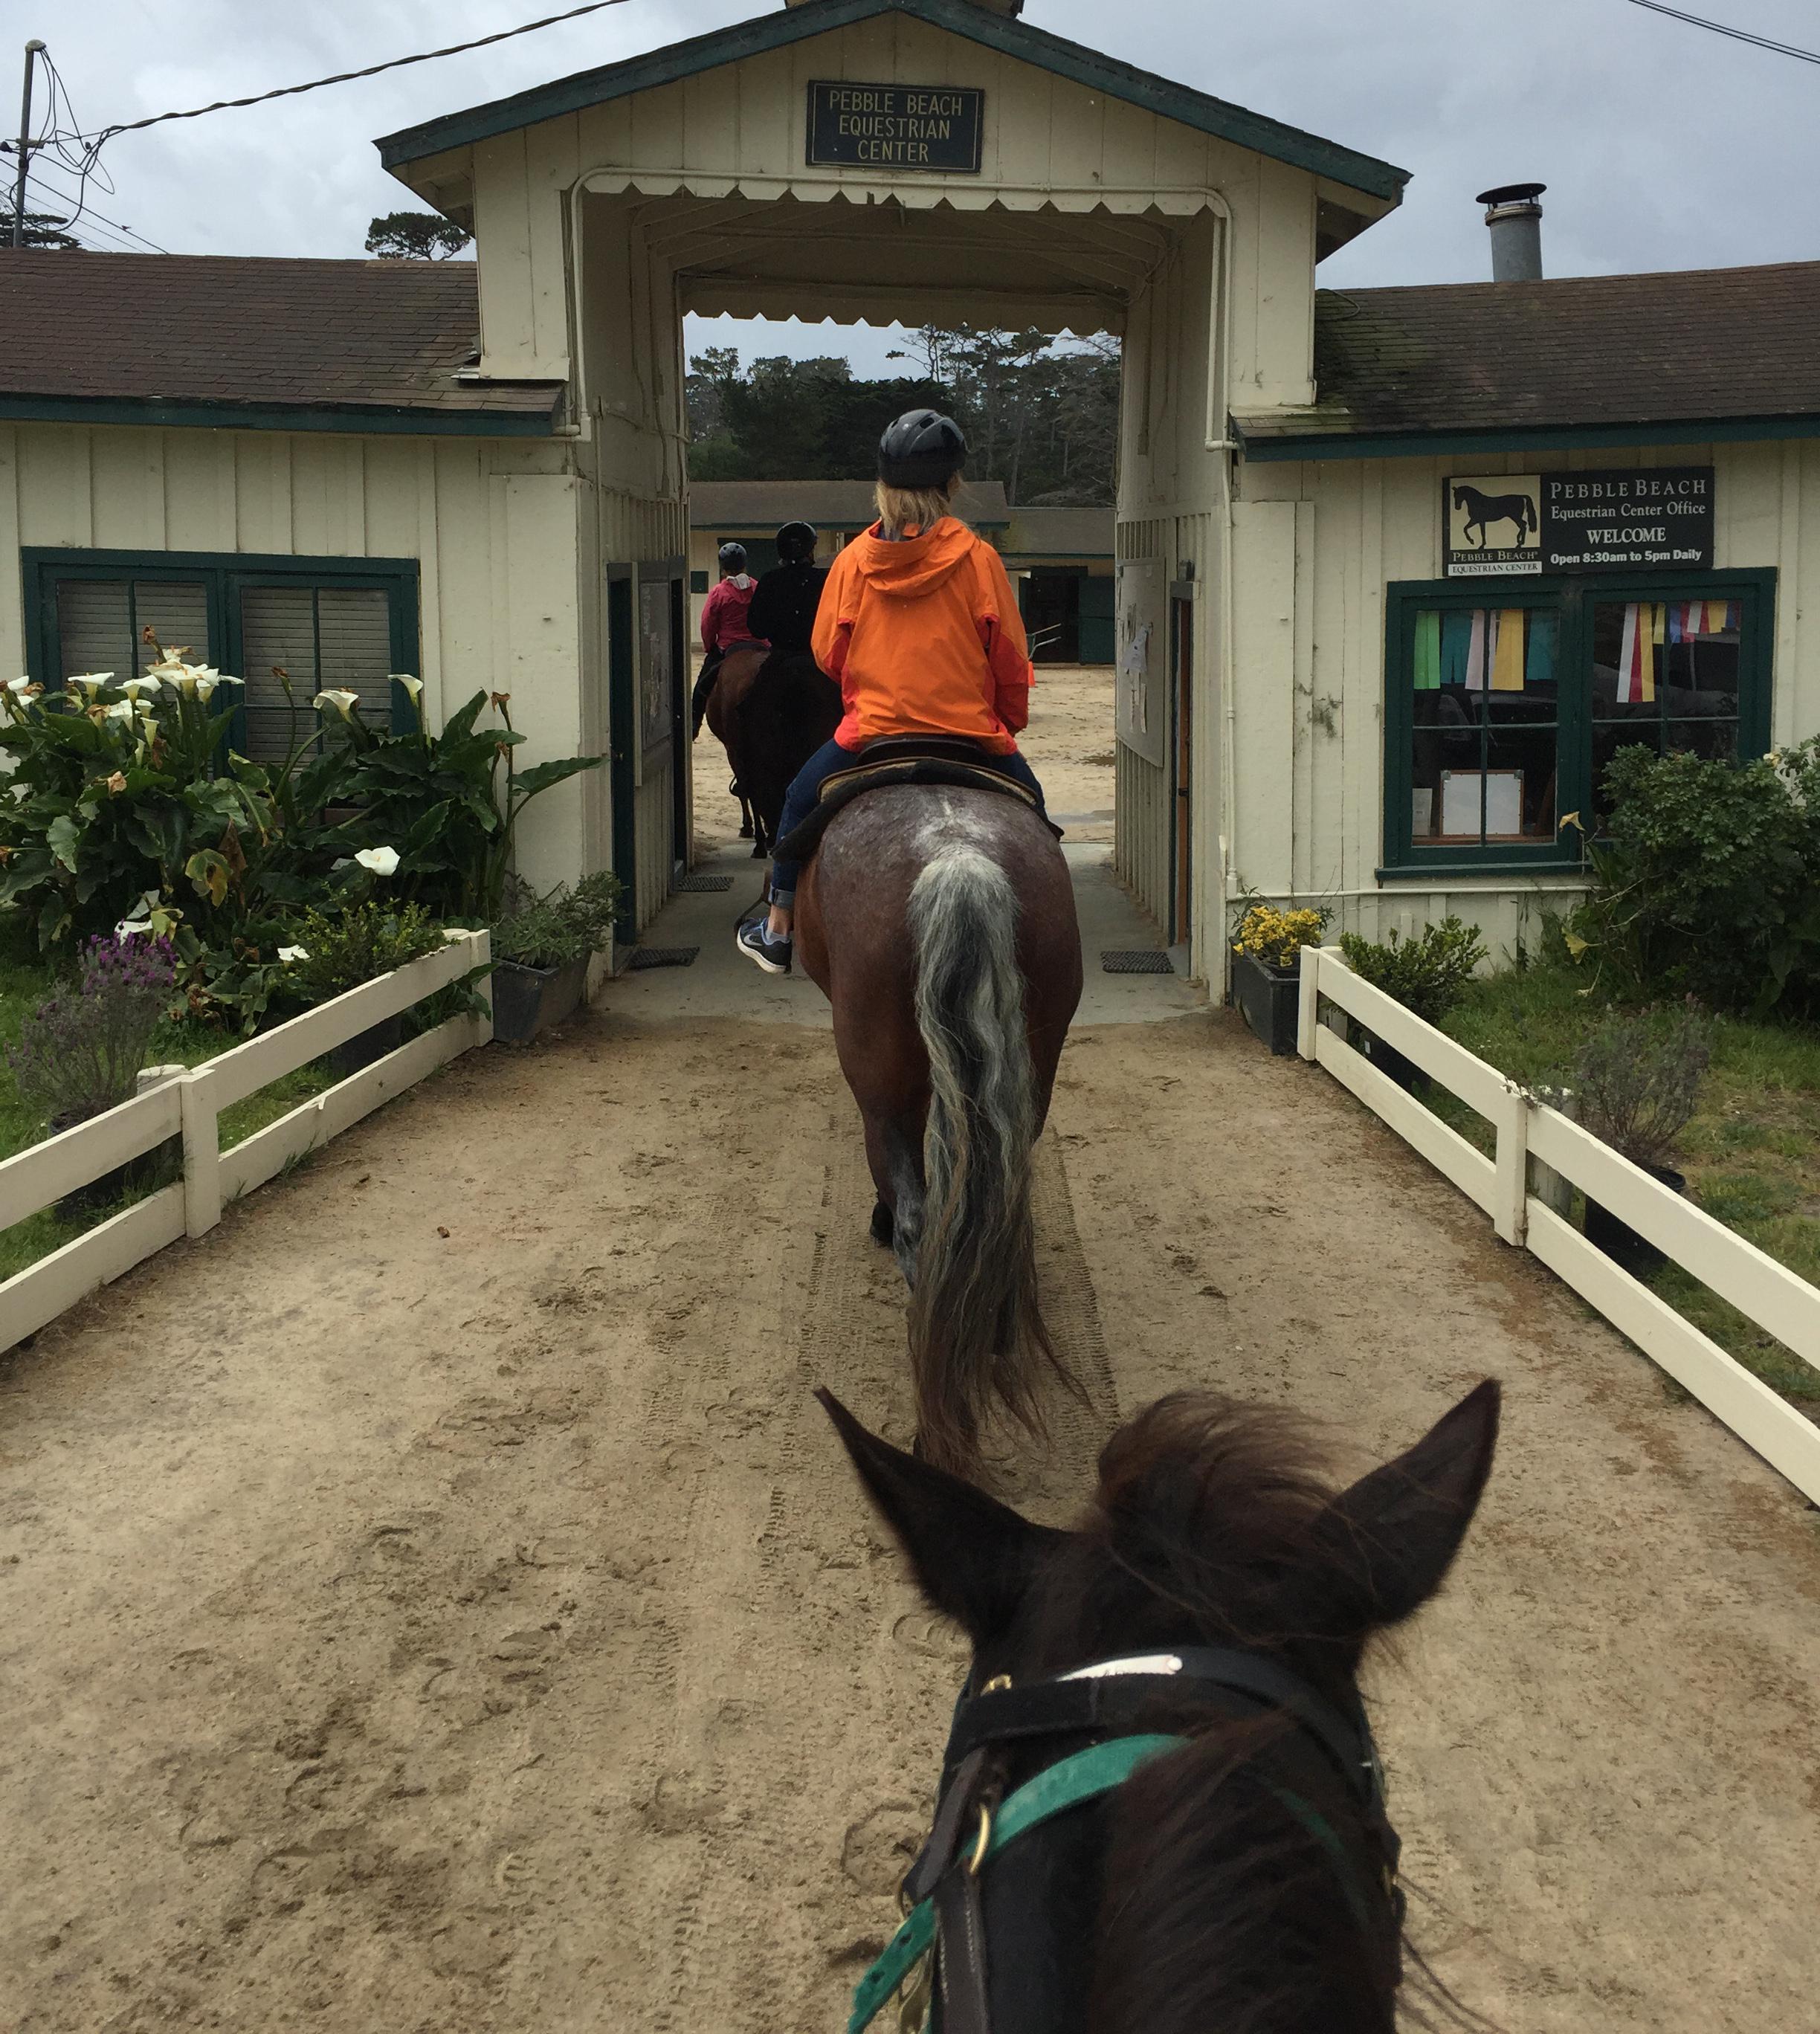 equestrain-center